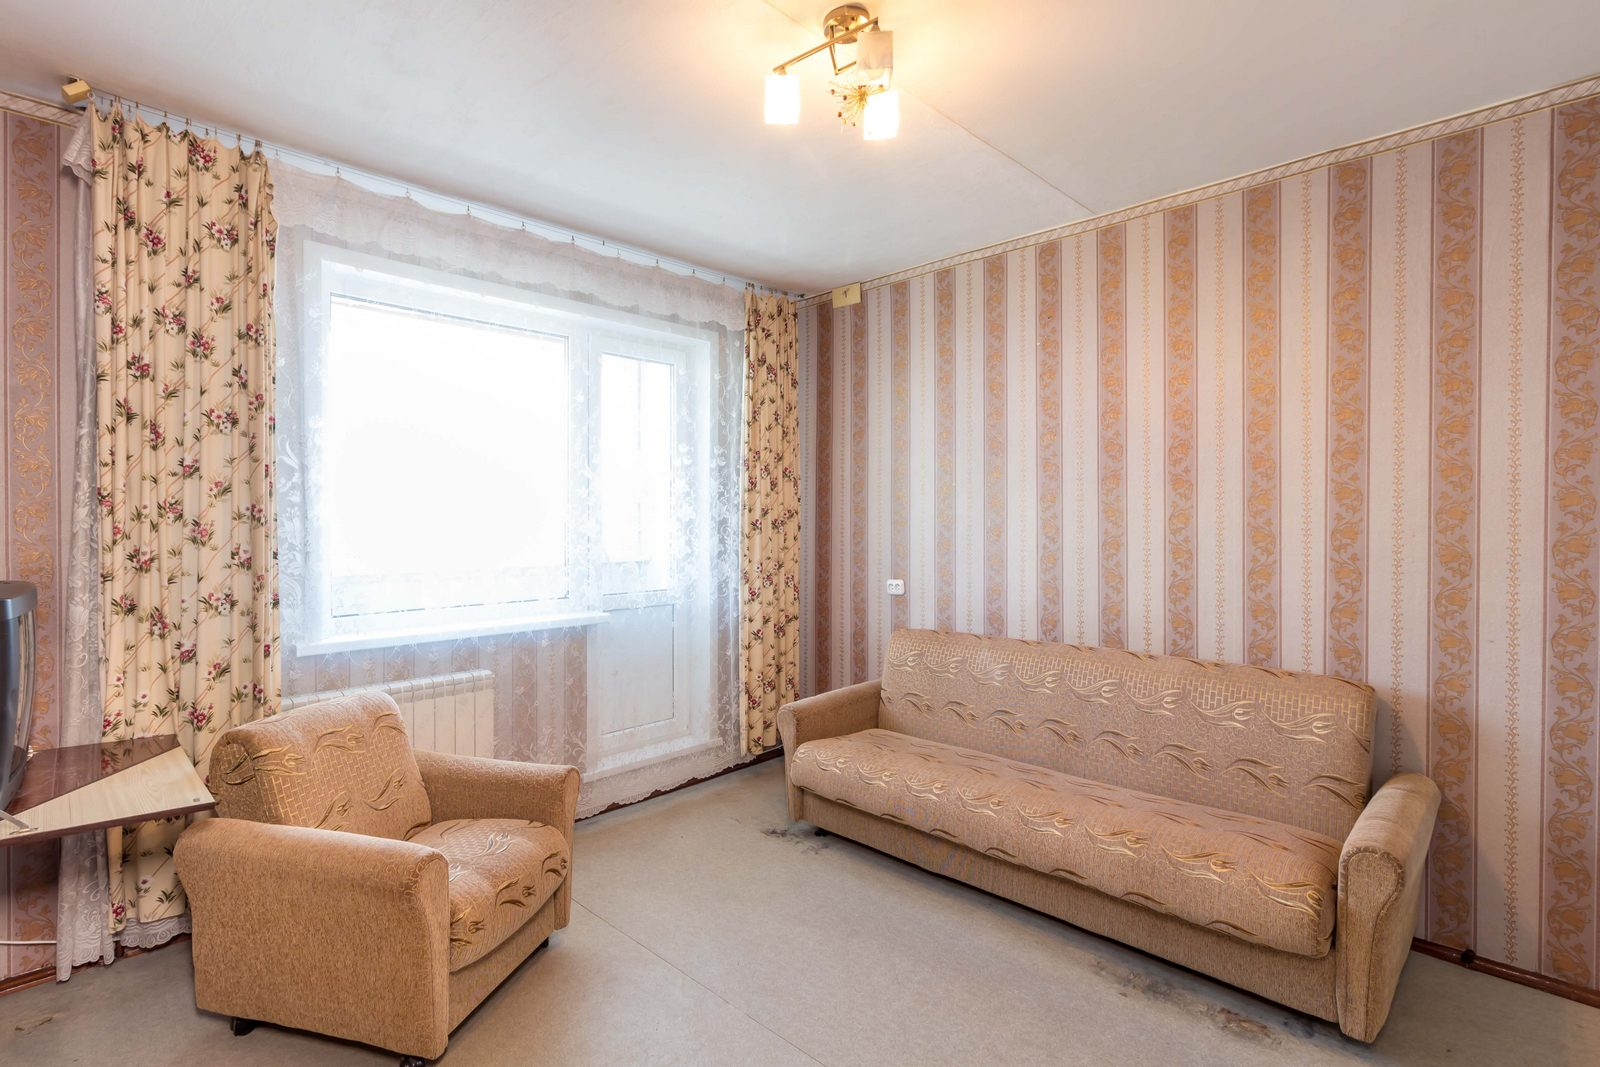 Продажа двухкомнатной квартиры, Минск, Голубева ул., 1 - фото 7